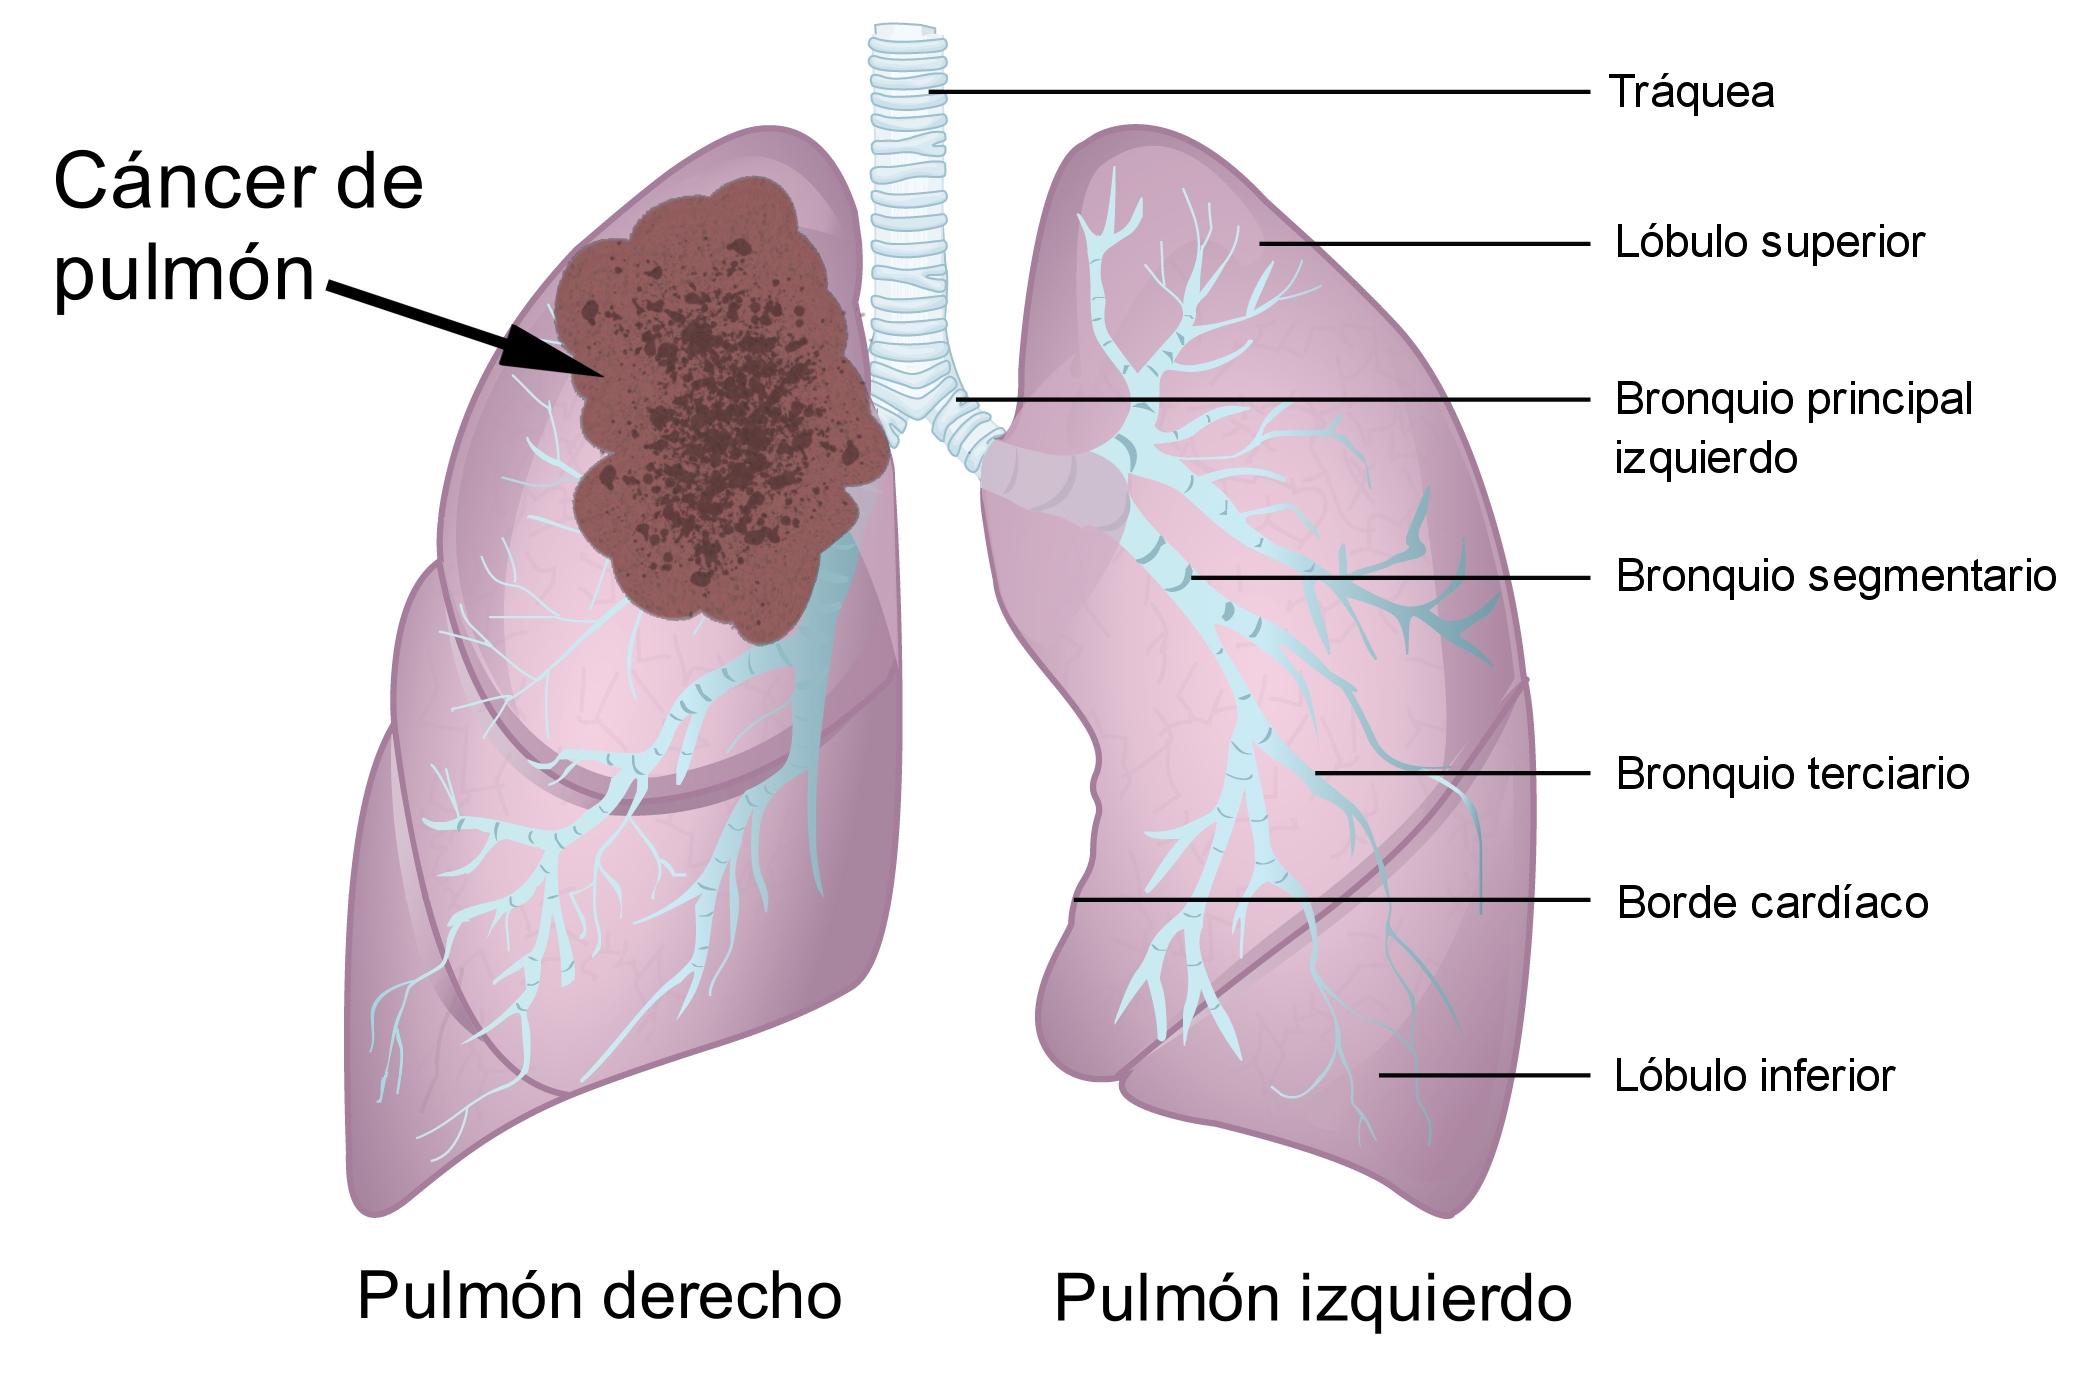 Ceea ce dă ecografie transrectală de prostată - Cancer de prostata definicion